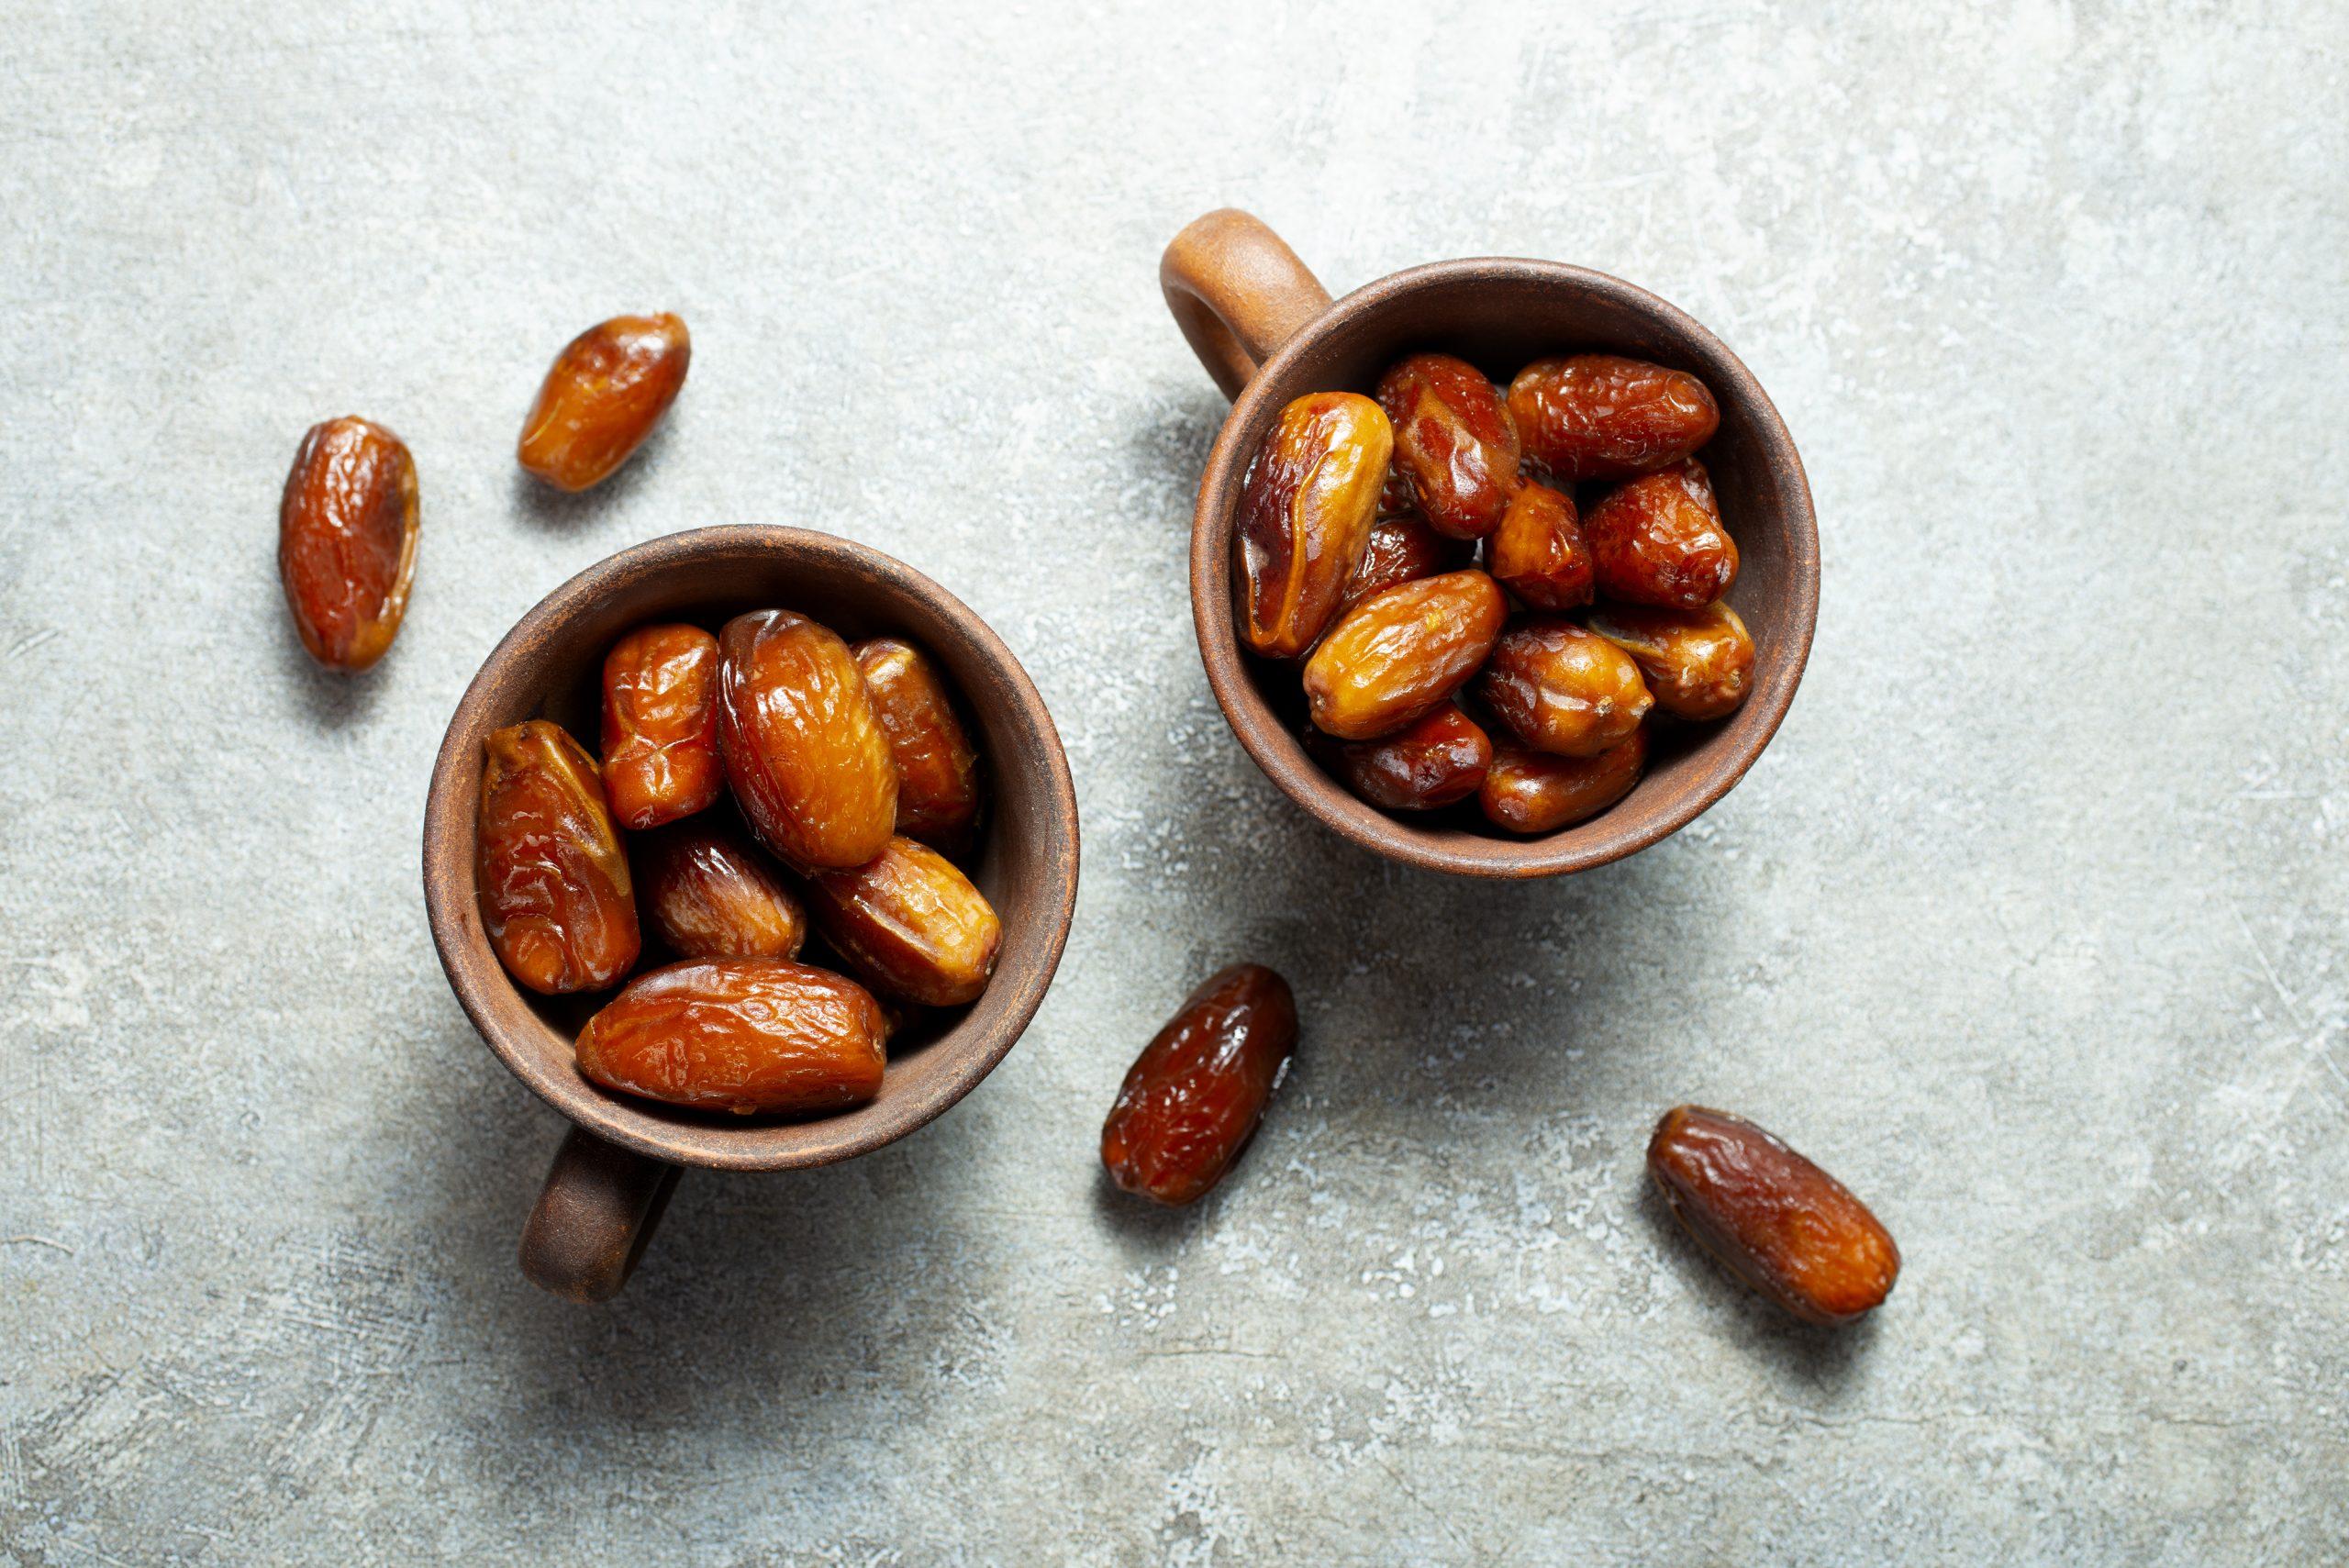 Dried Medjoul date fruit